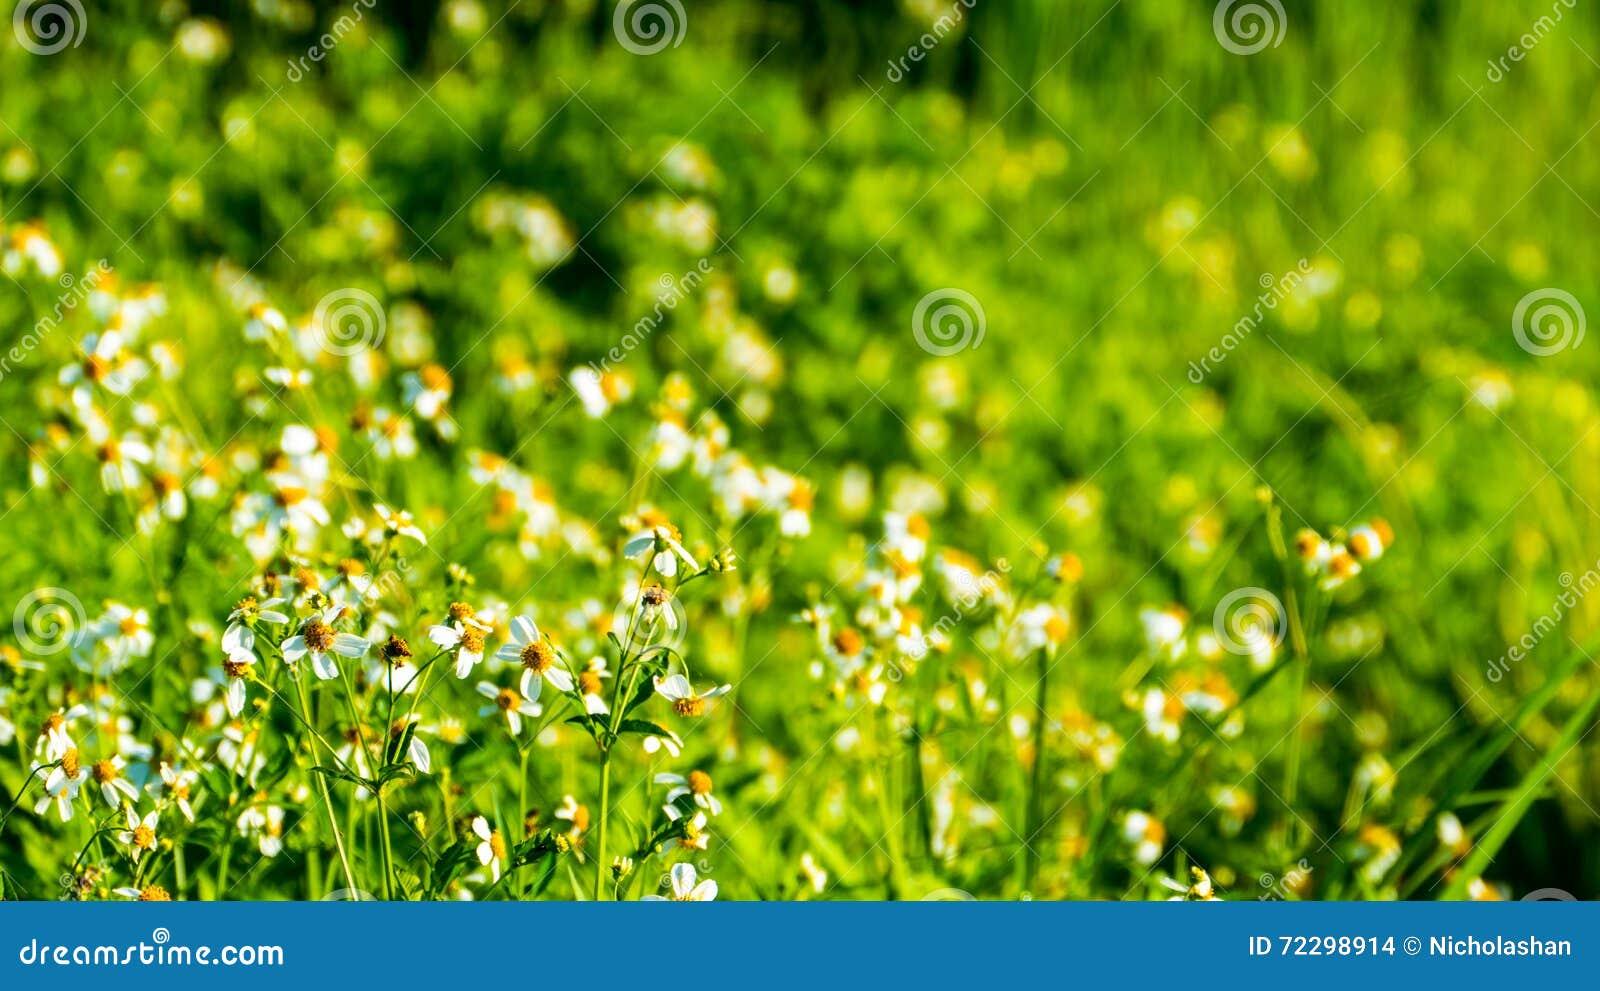 Download Конец вверх зеленых неочищенных рисов Зеленое ухо риса в неочищенных рисах Fi Стоковое Фото - изображение насчитывающей идиллично, бирма: 72298914